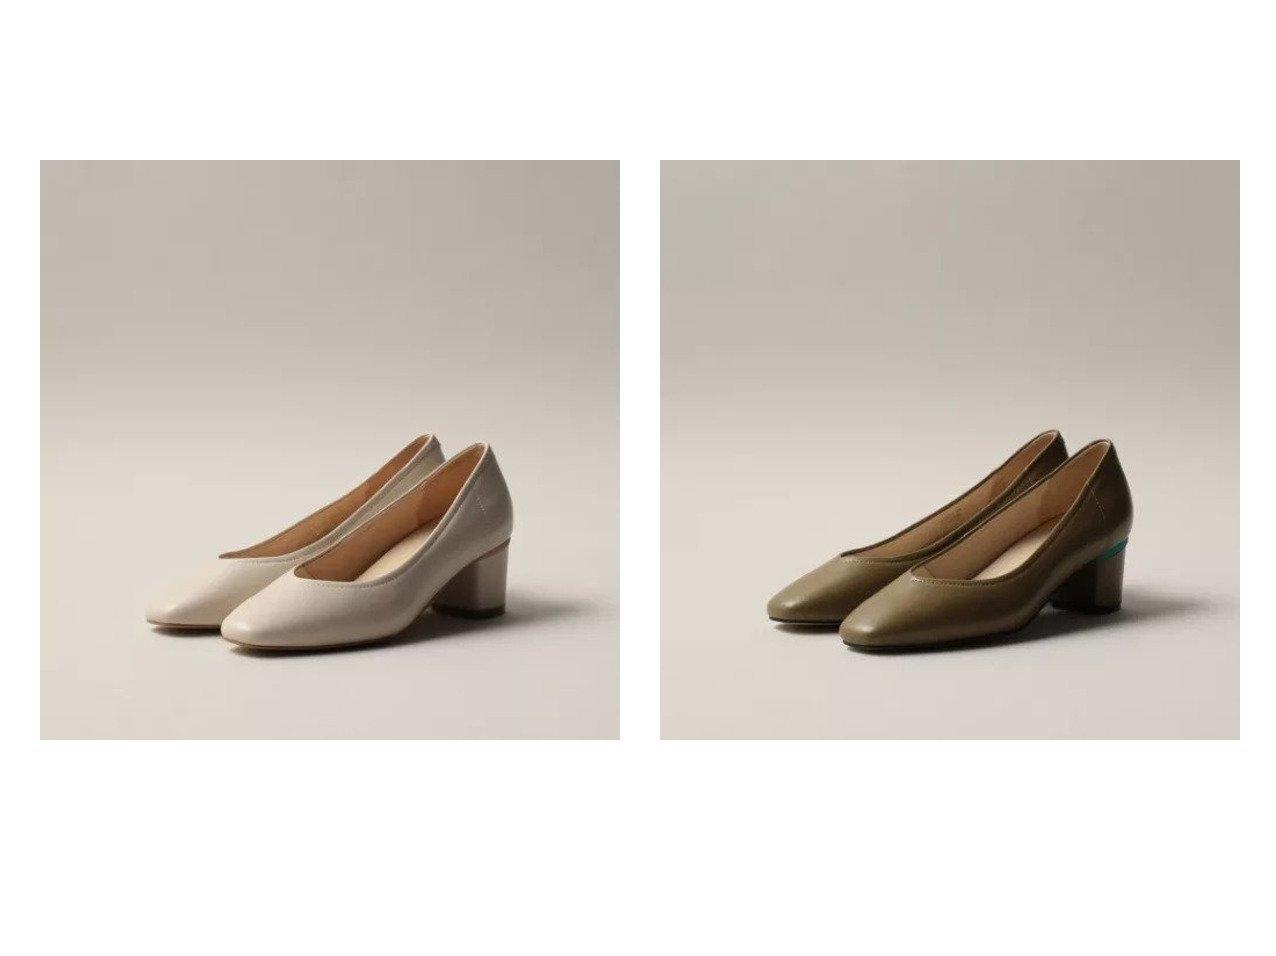 【Odette e Odile/オデット エ オディール】のOFC スクエアソフト パンプス50 【シューズ・靴】おすすめ!人気トレンド・レディースファッション通販 おすすめで人気の流行・トレンド、ファッションの通販商品 インテリア・家具・メンズファッション・キッズファッション・レディースファッション・服の通販 founy(ファニー) https://founy.com/ ファッション Fashion レディースファッション WOMEN クッション シューズ スクエア |ID:crp329100000046504